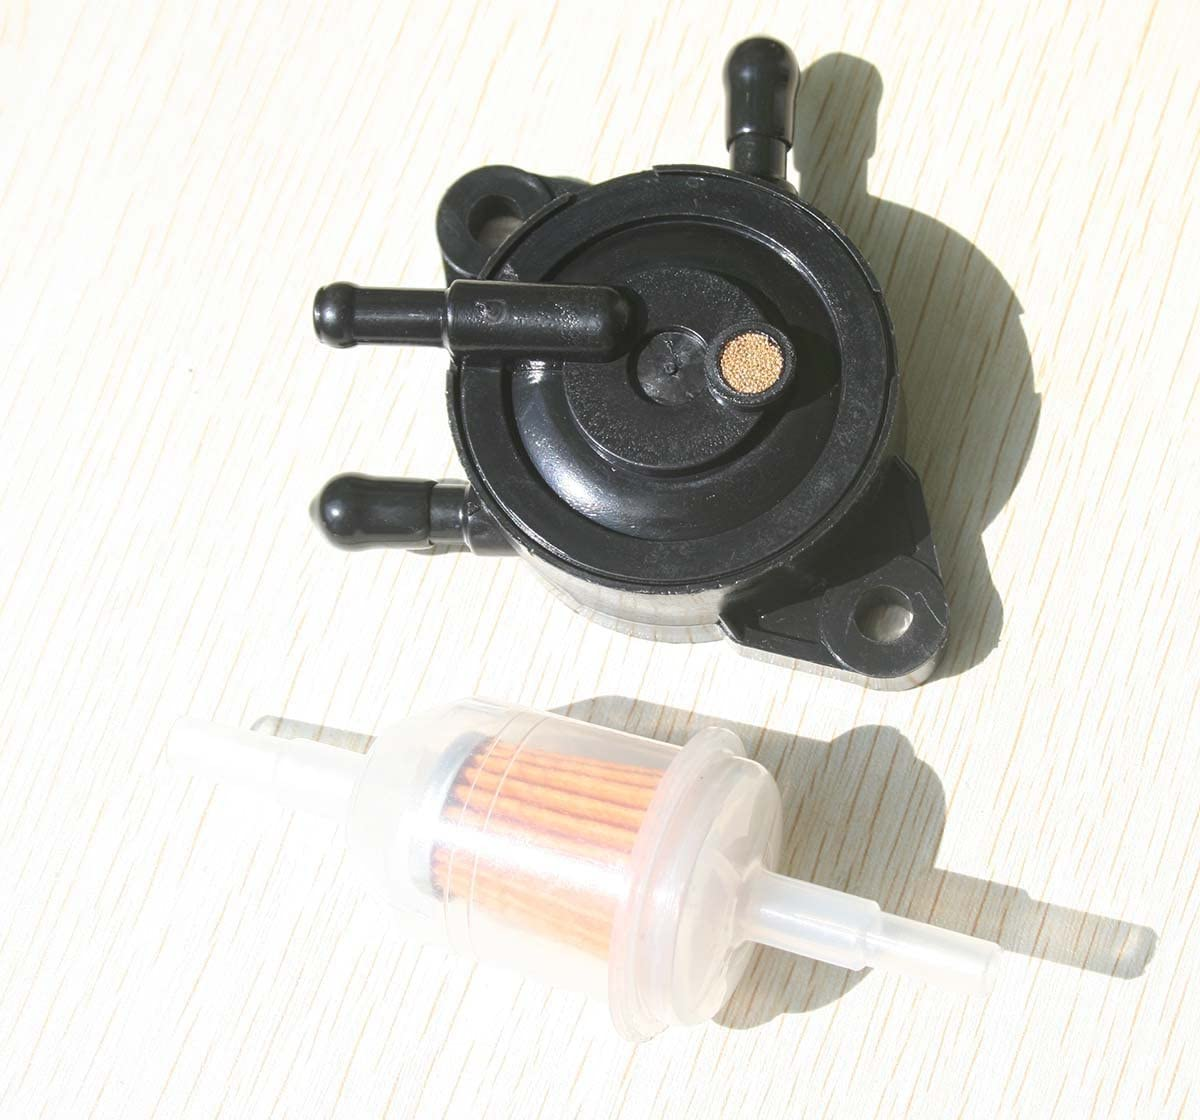 zt truck parts Fuel Pump Fit for John Deere L-100 L-120 L-118 LA120 LA130 LA140 LA145 LA150 LX172 LX176 LX186 GT242 GT262 GT275